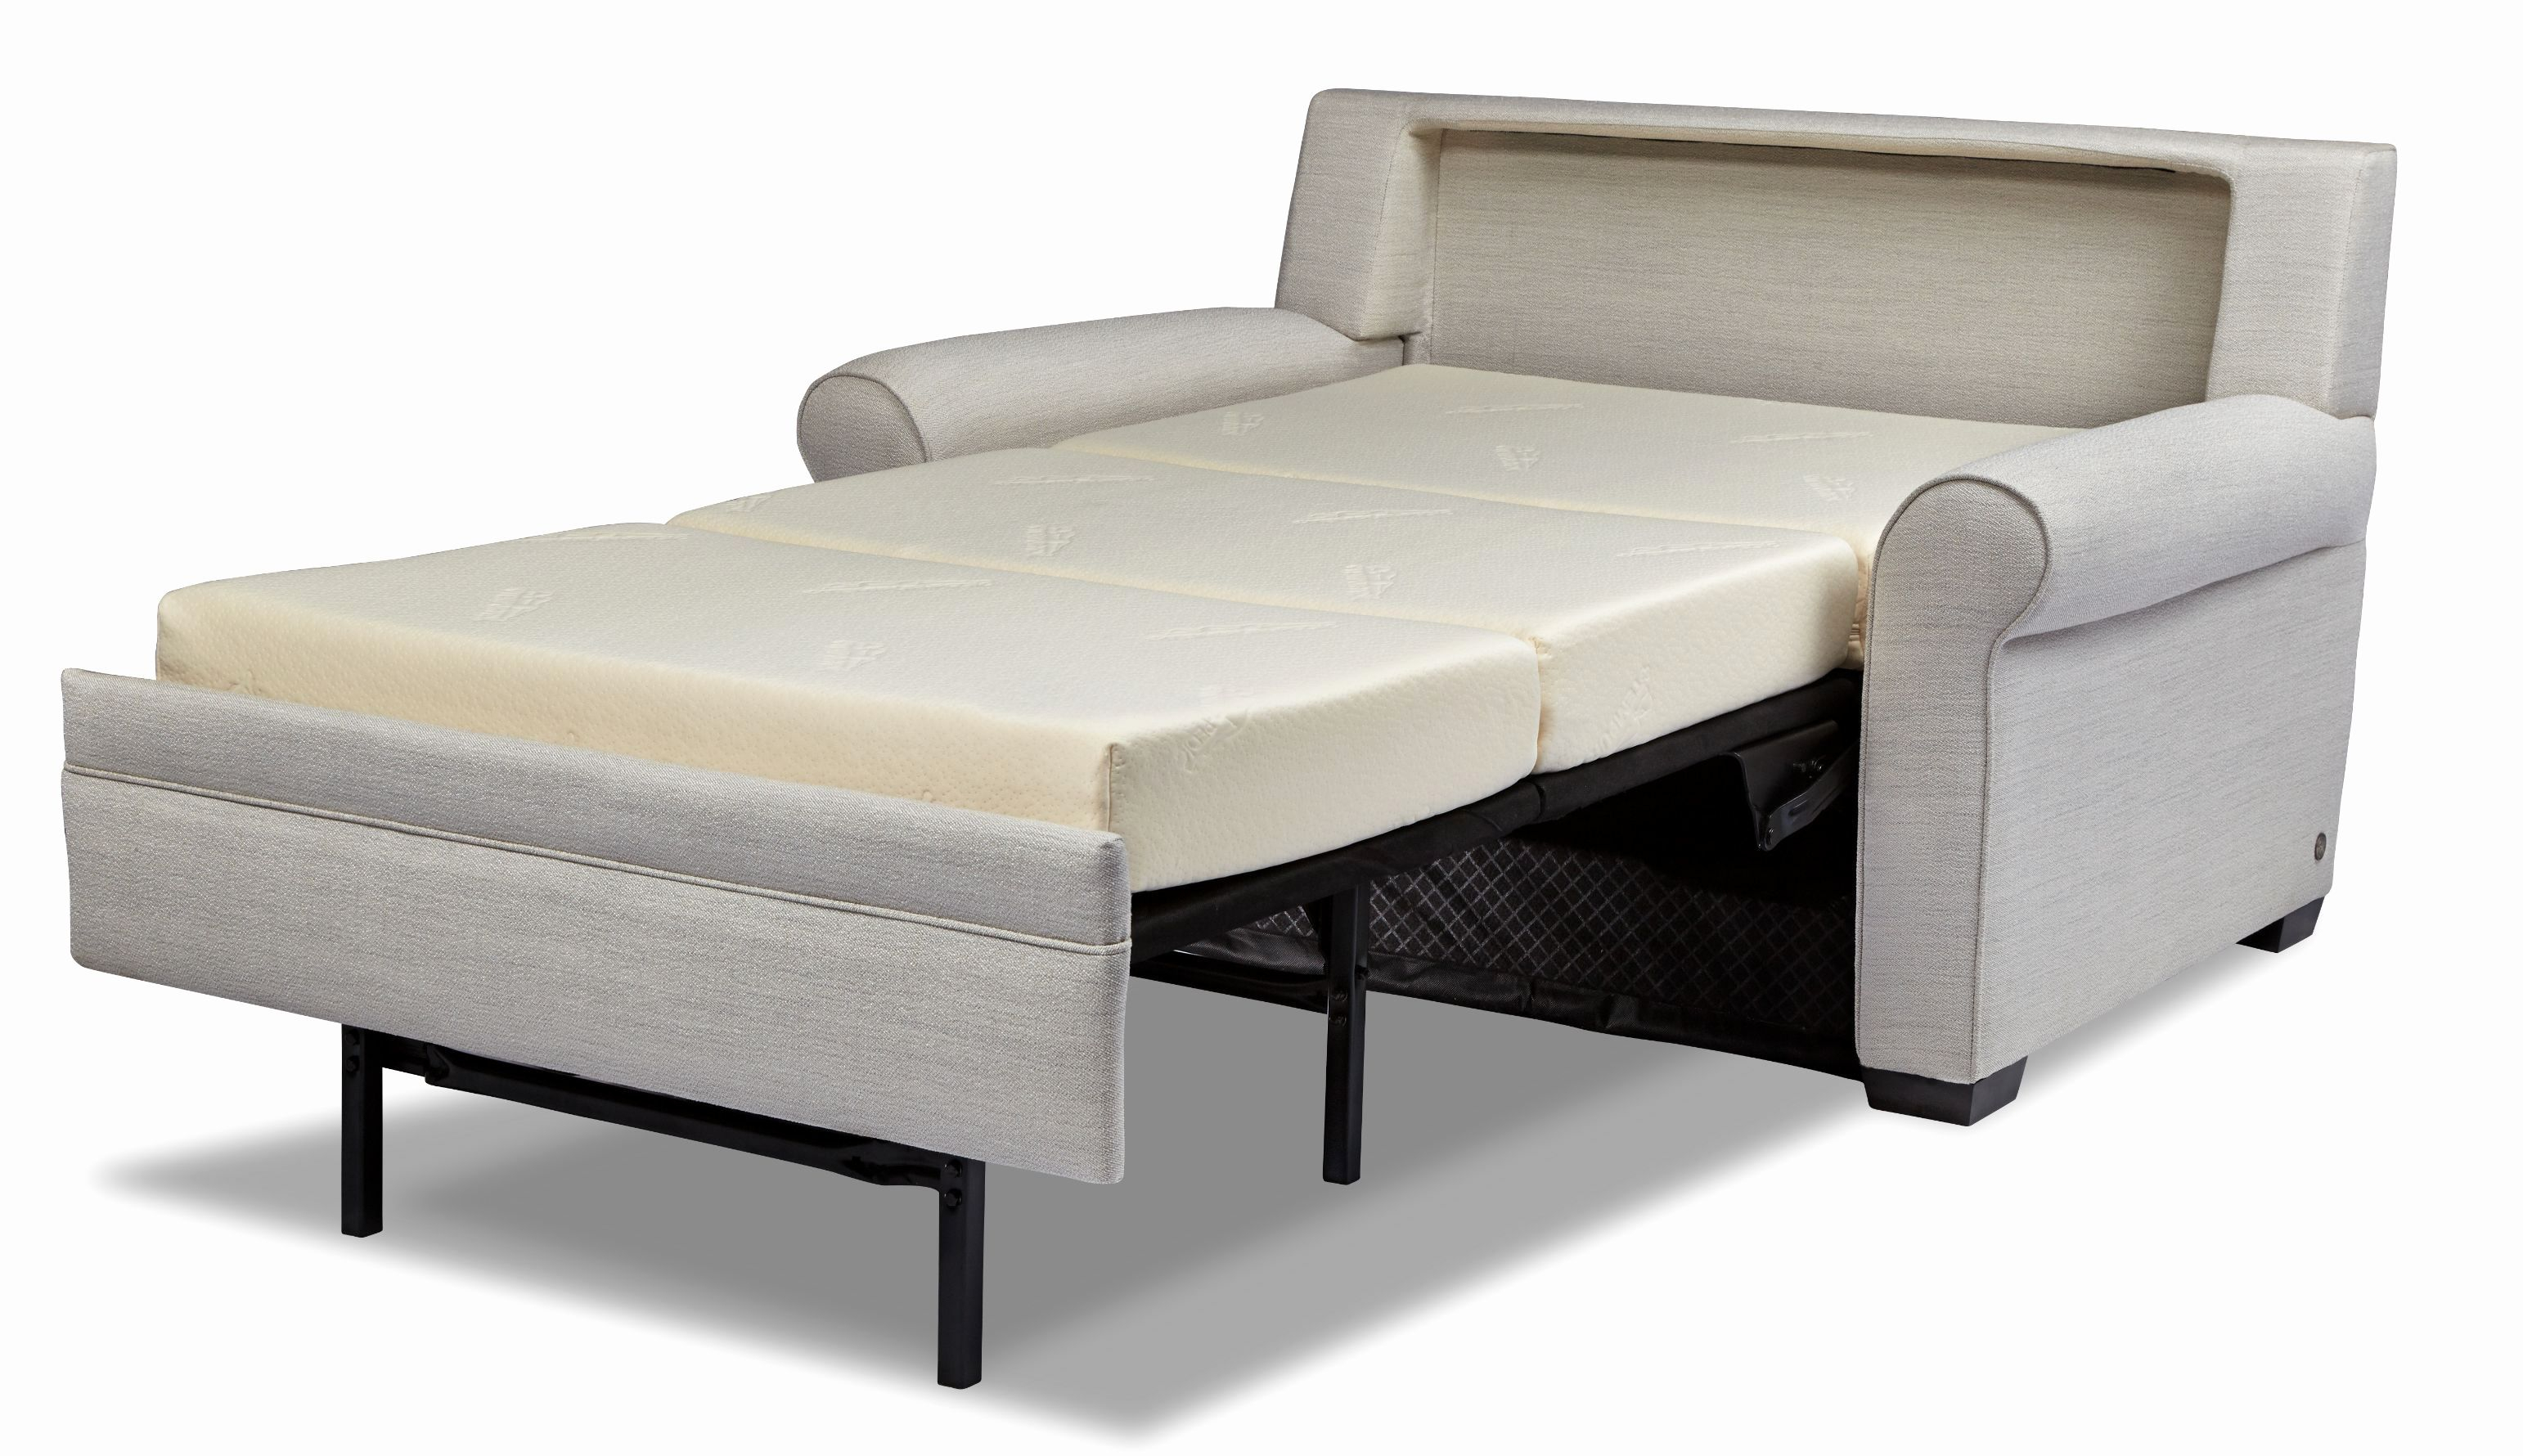 Elegant Comfortable Sleeper Sofas Pics Comfortable Sleeper Sofas Within Gina Grey Leather Sofa Chairs (Photo 13 of 20)